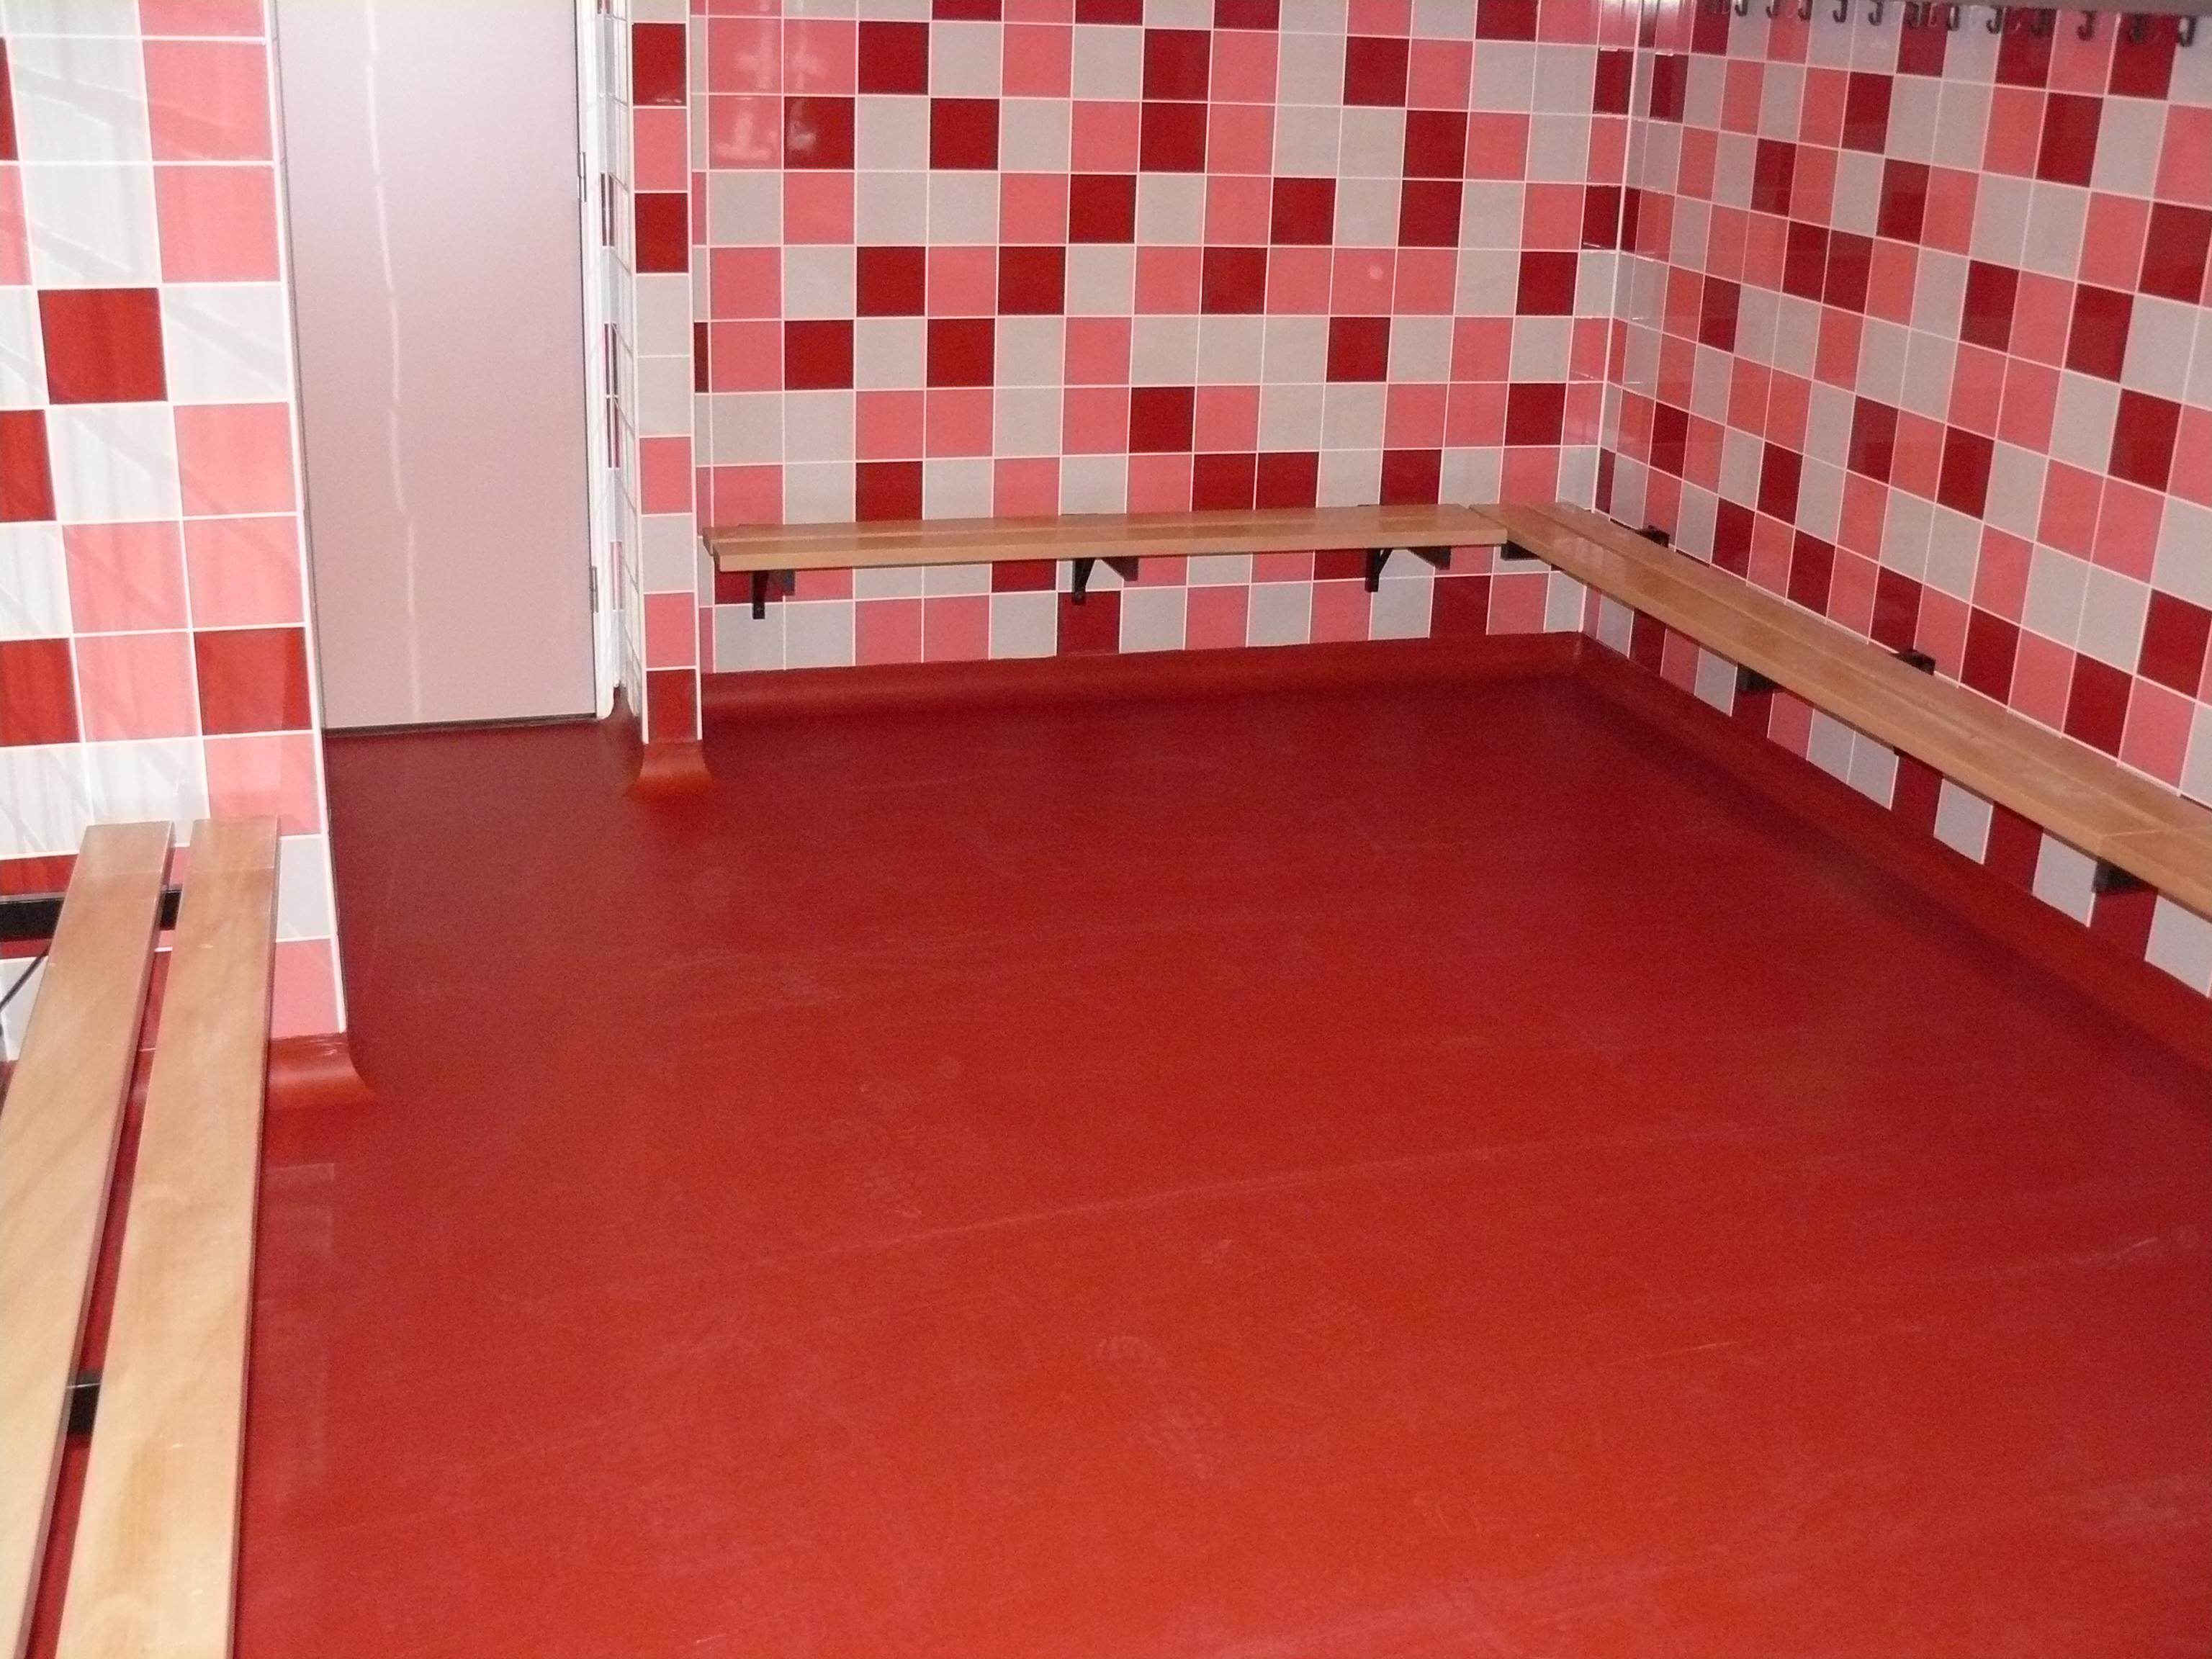 sanitaire ruimtes voorzien van kunststof gietvloer tocop